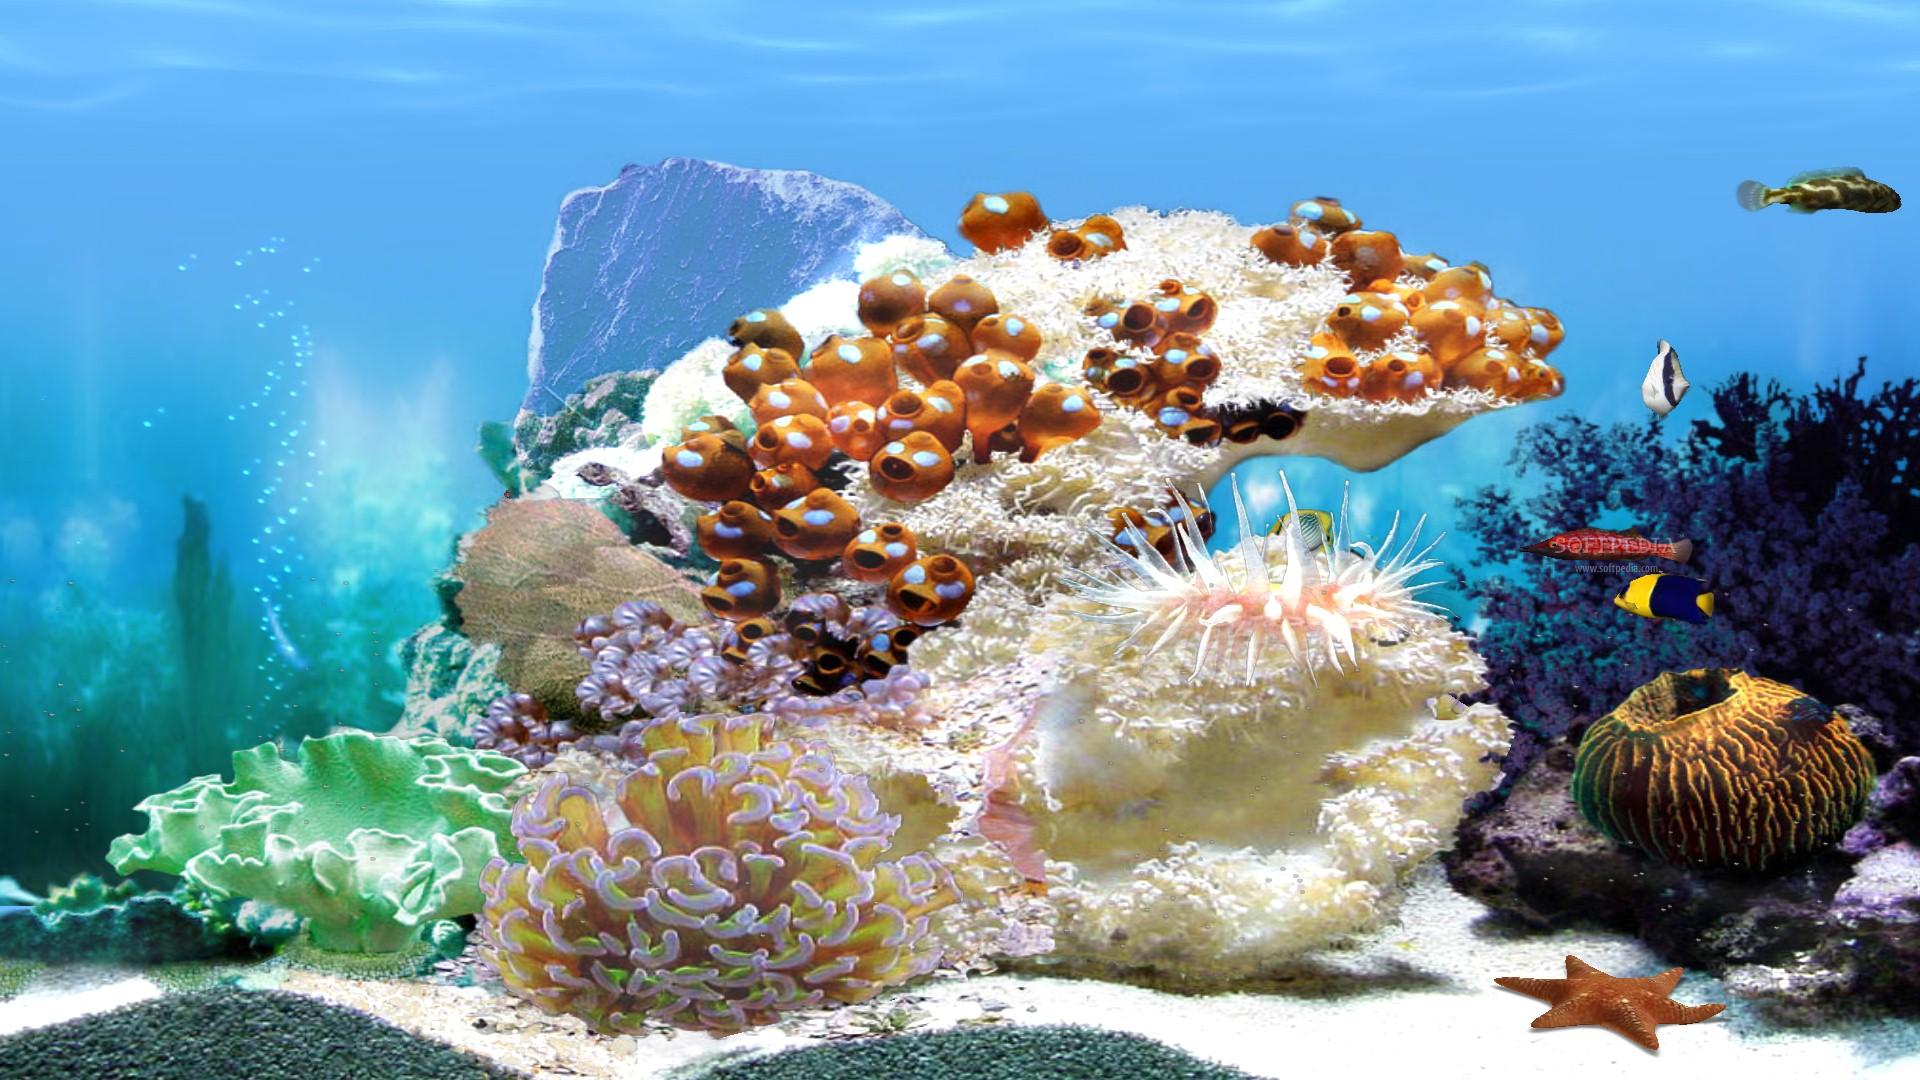 Aquarium wallpaper animated wallpapersafari for Live fish aquarium wallpaper